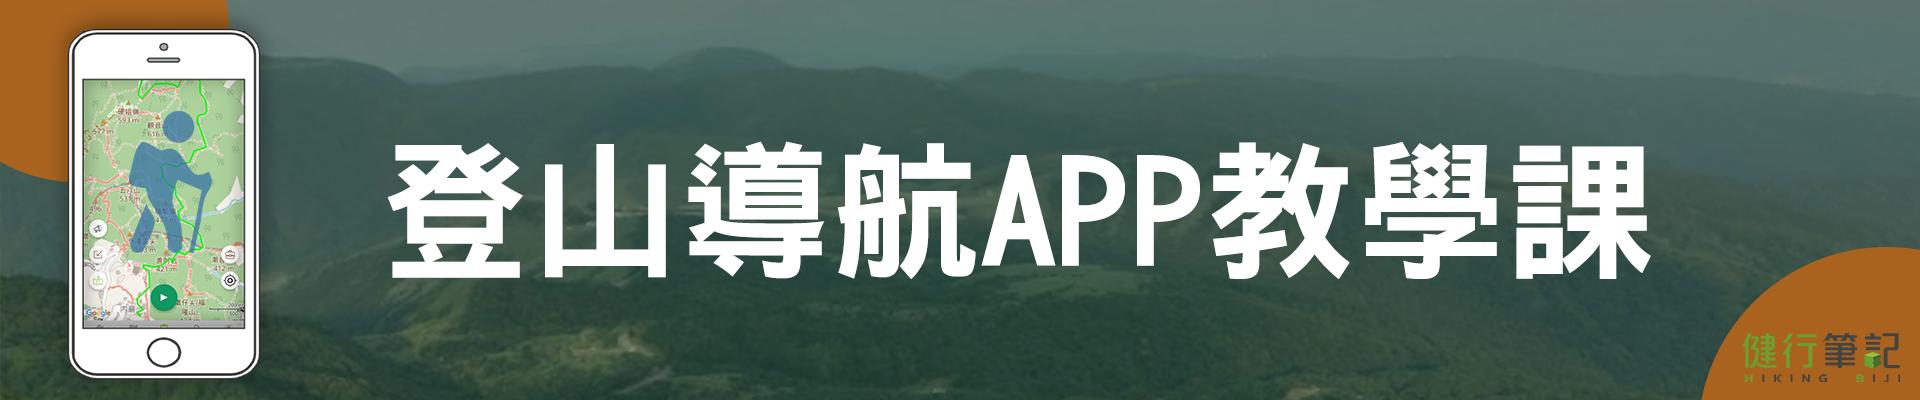 告別迷路!登山導航APP教學小講堂-主視覺